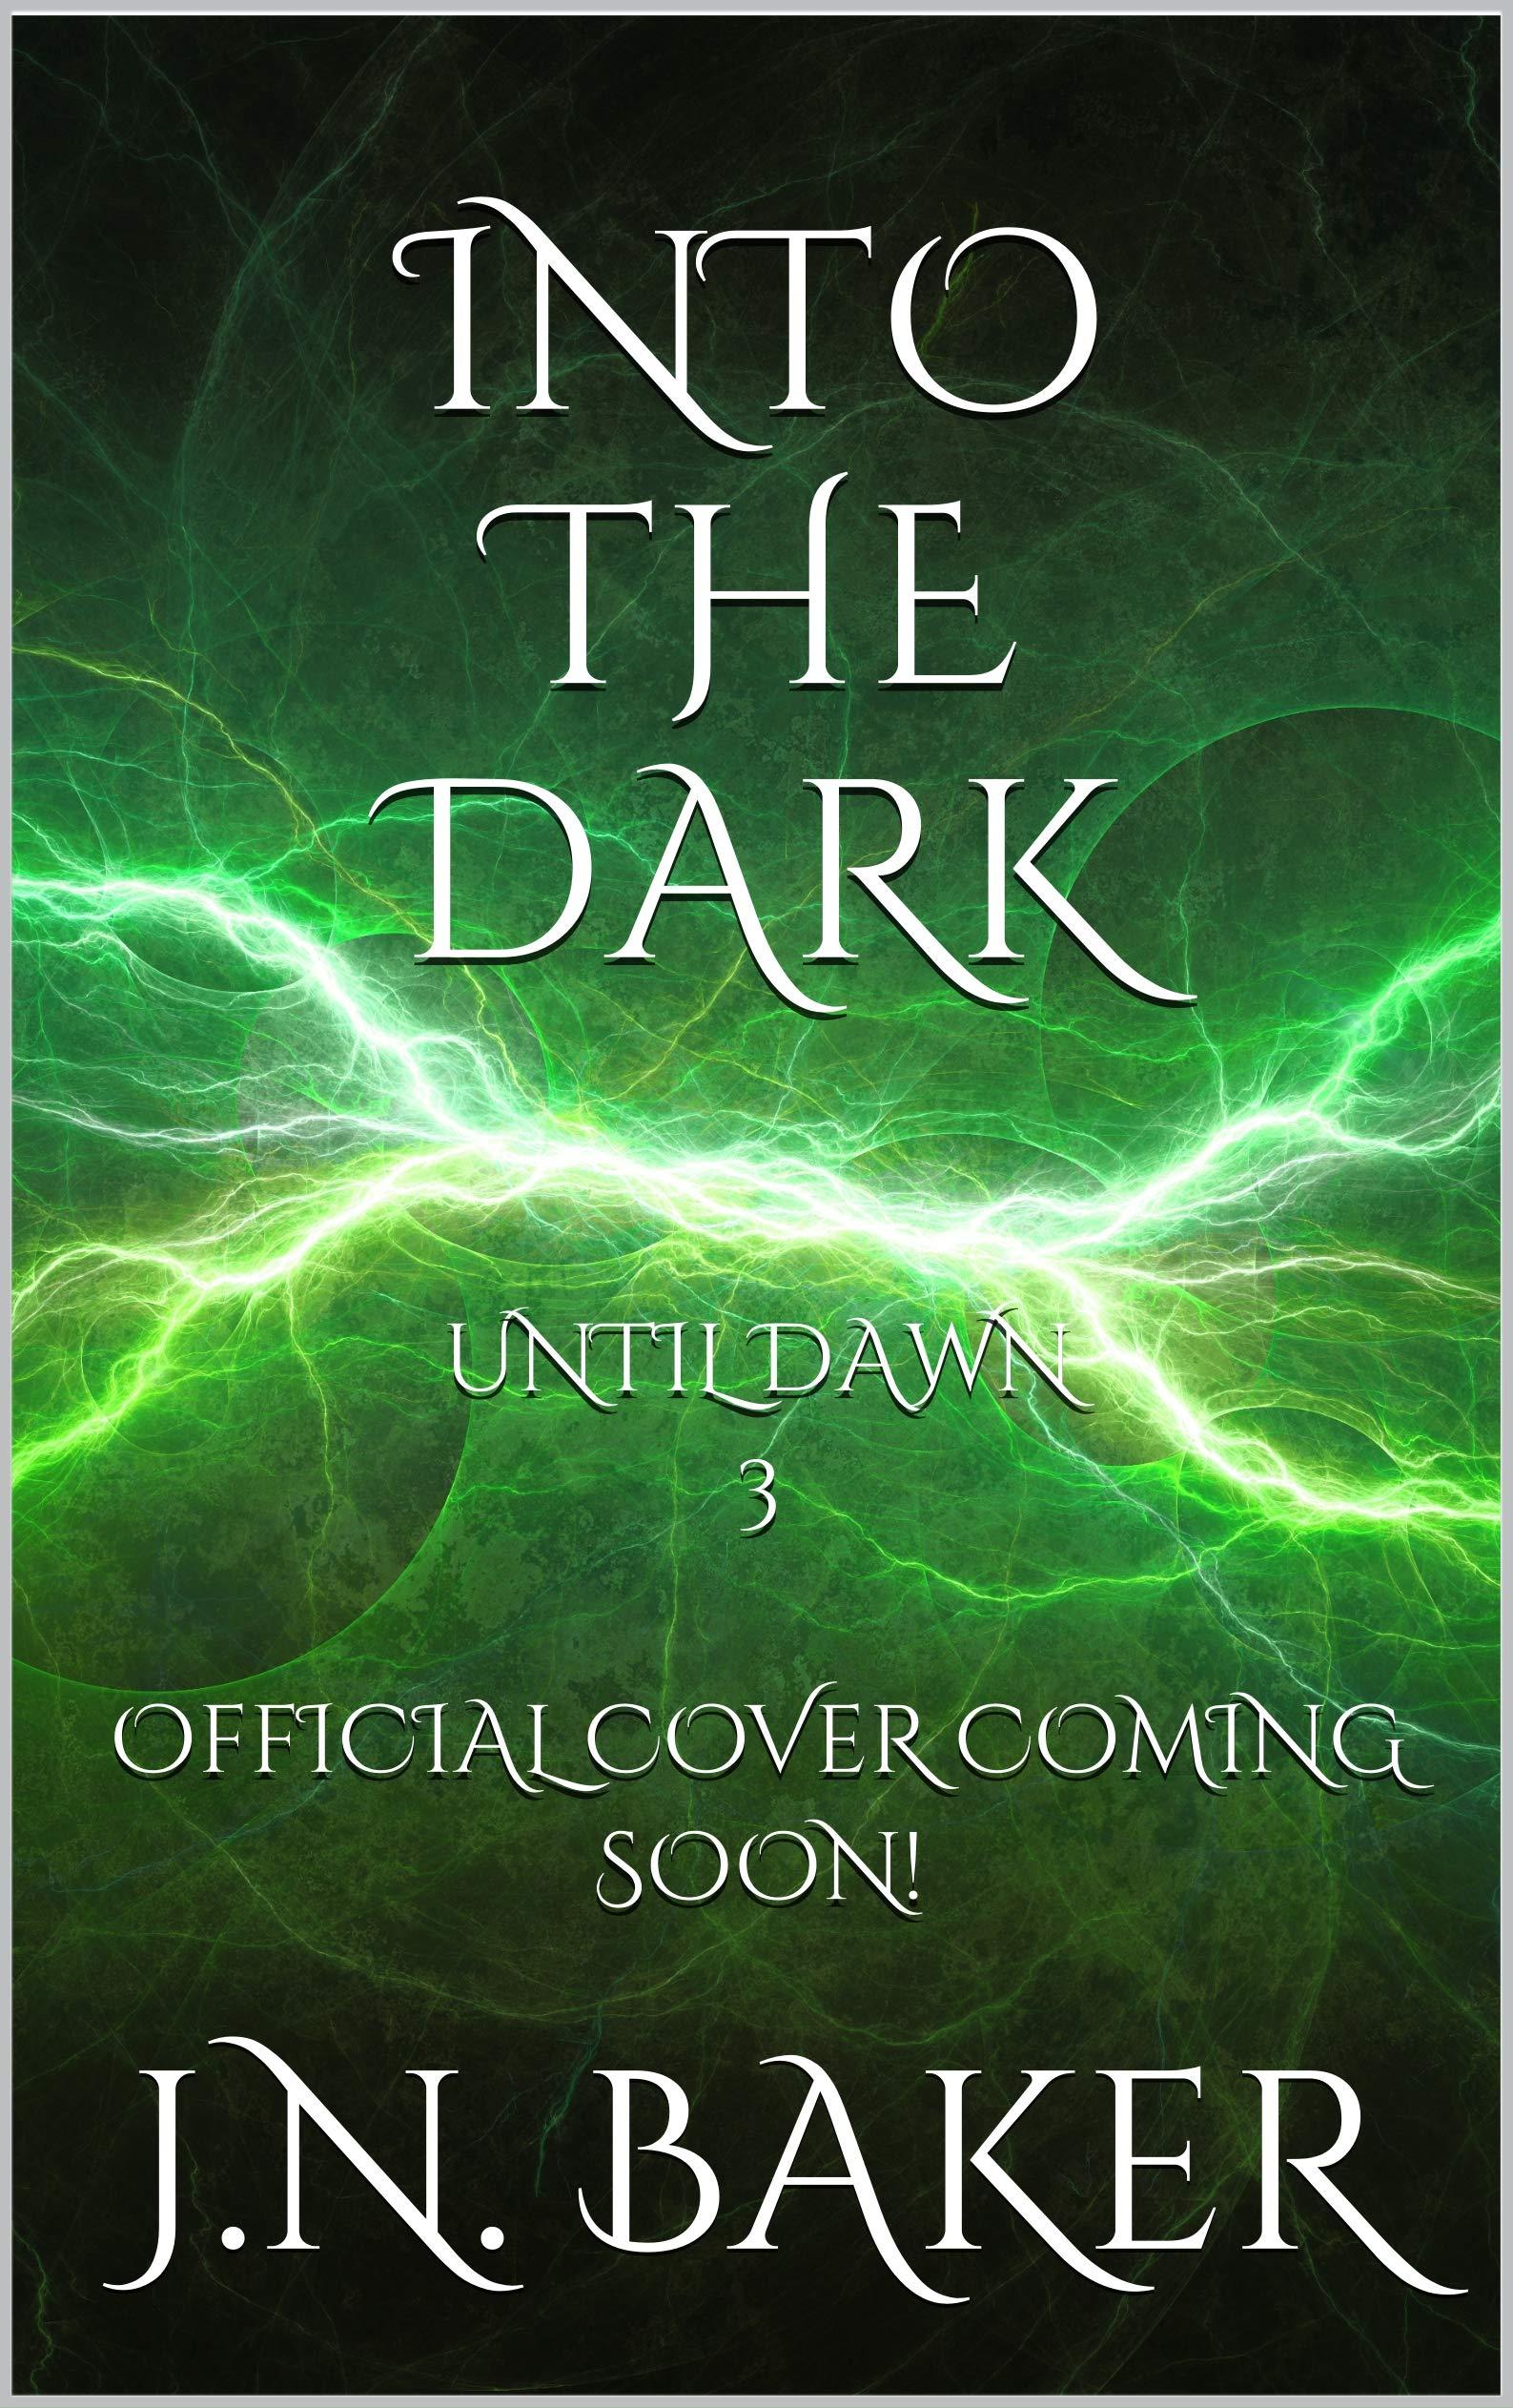 Into the Dark (Until Dawn, Book 3)